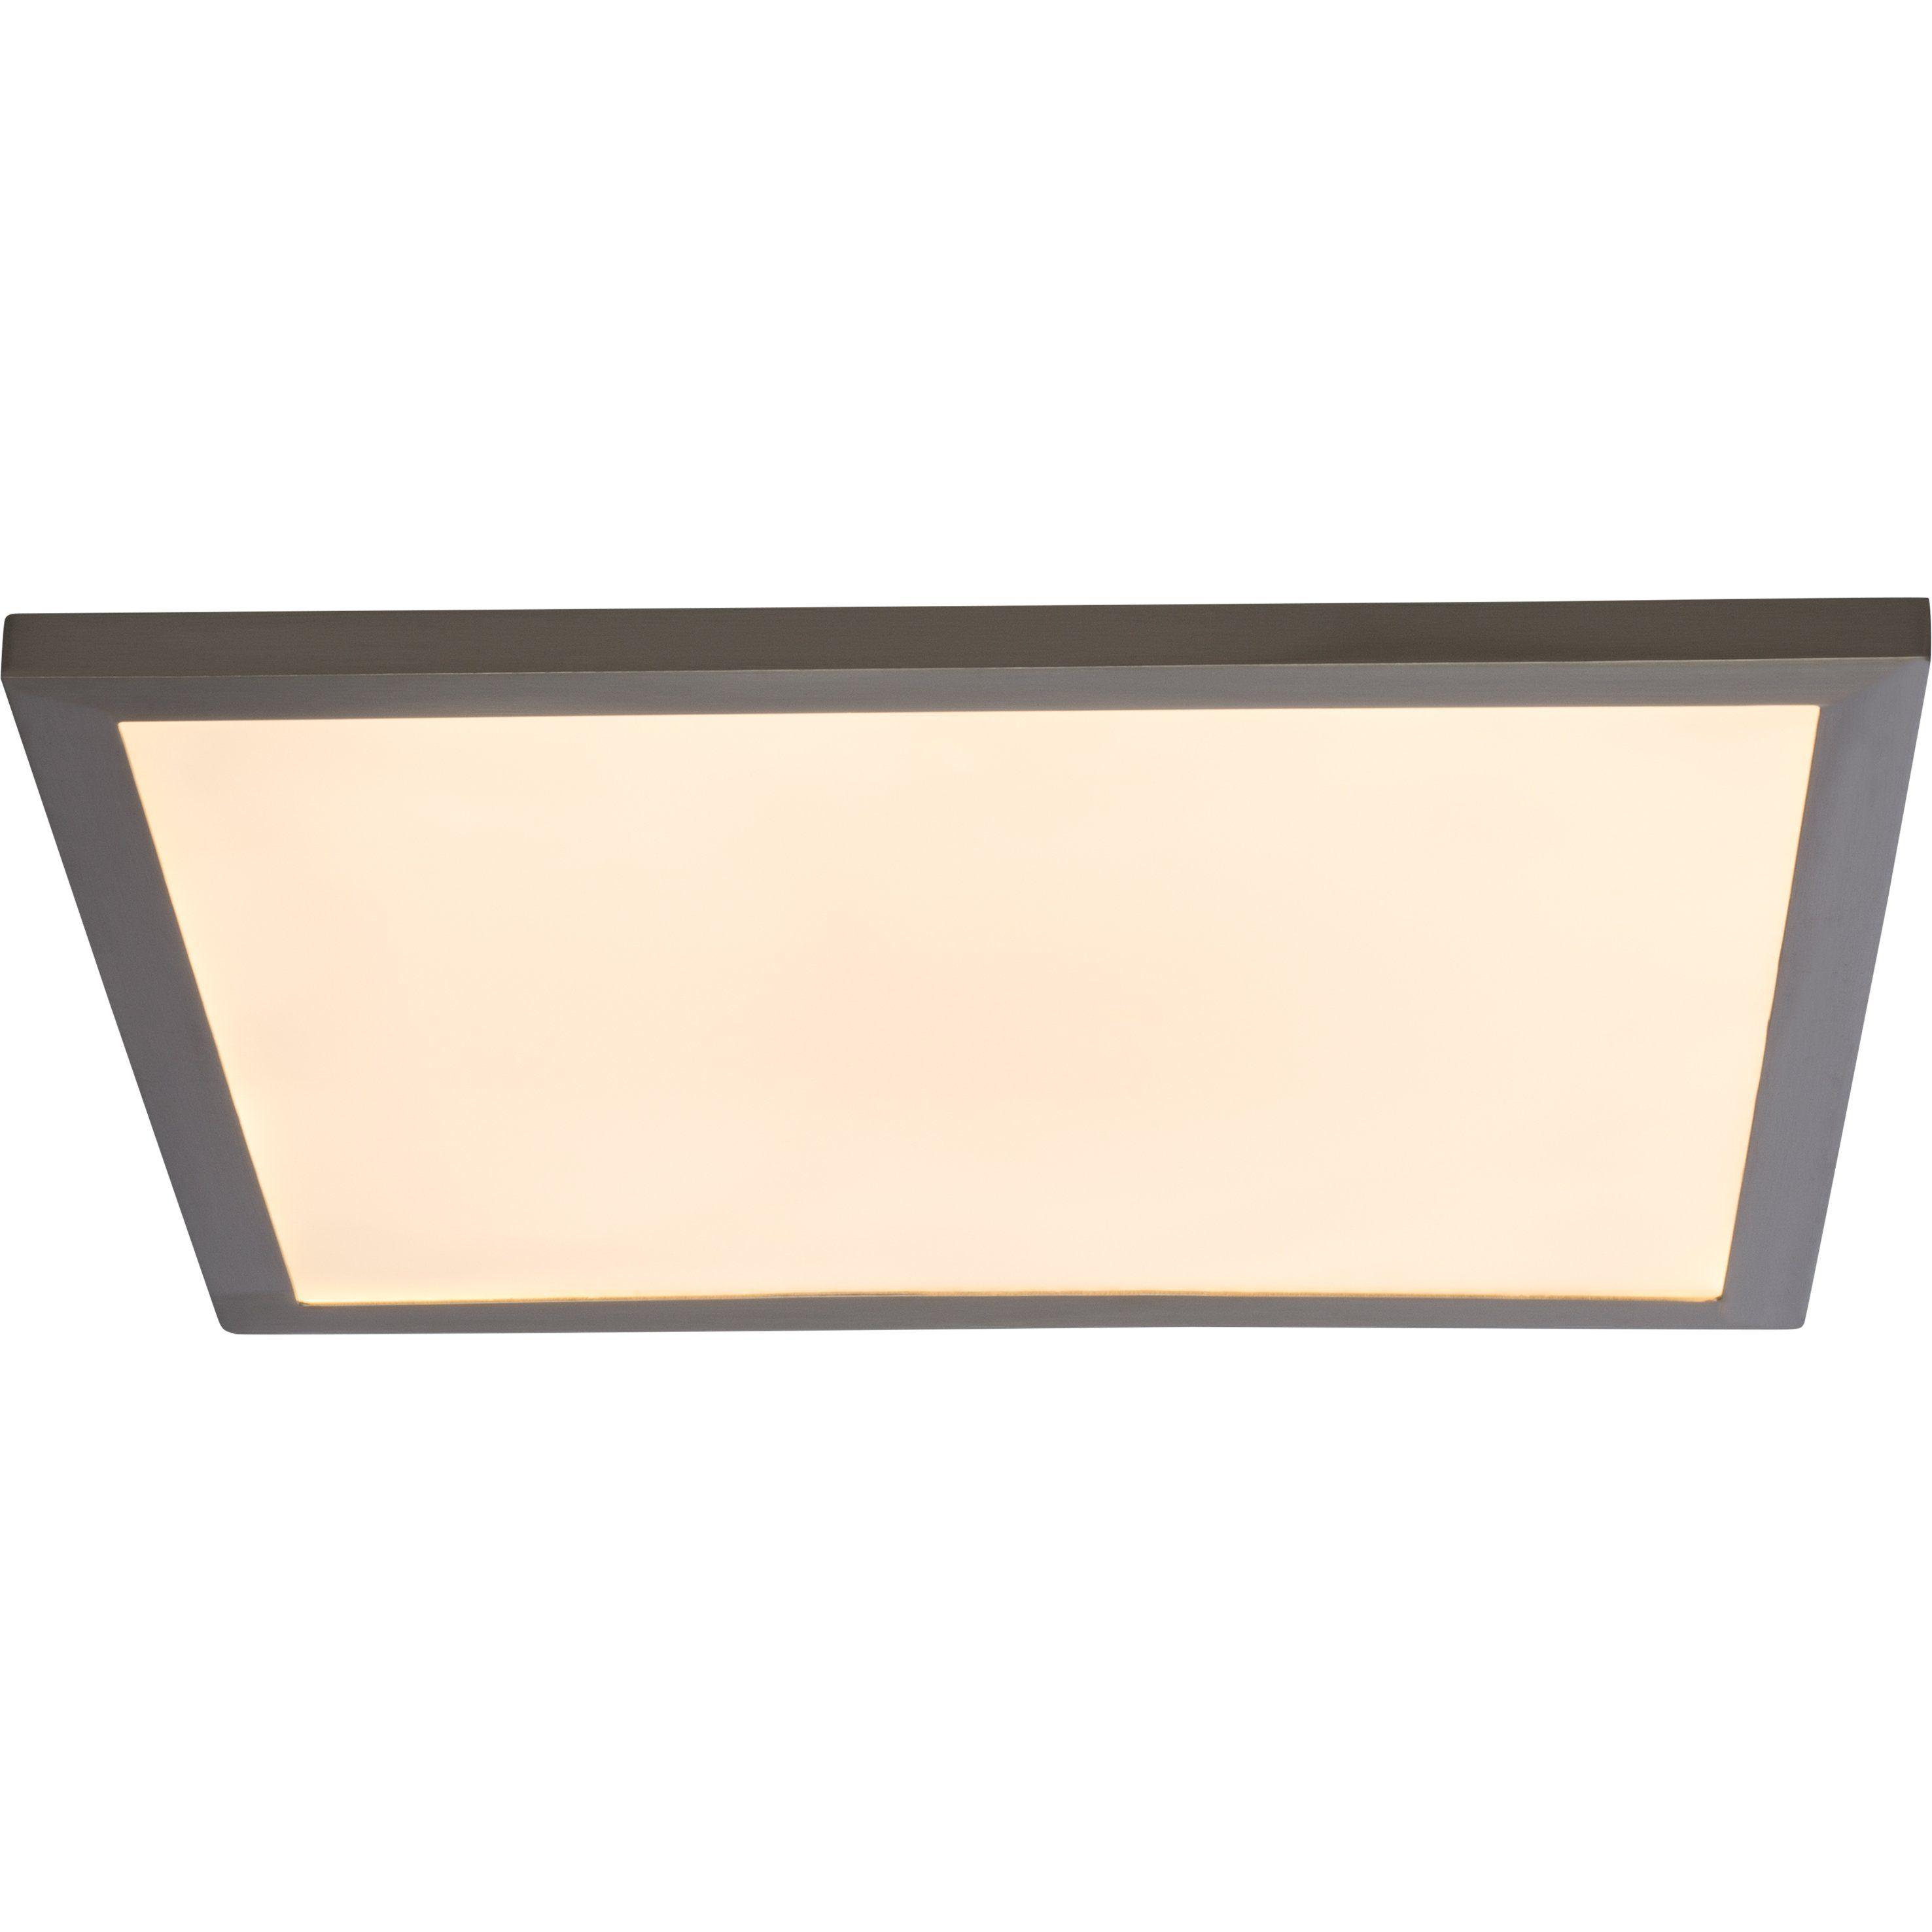 Brilliant Leuchten Smooth LED Deckenaufbau-Paneel 50x50cm eisen Fernbedienung